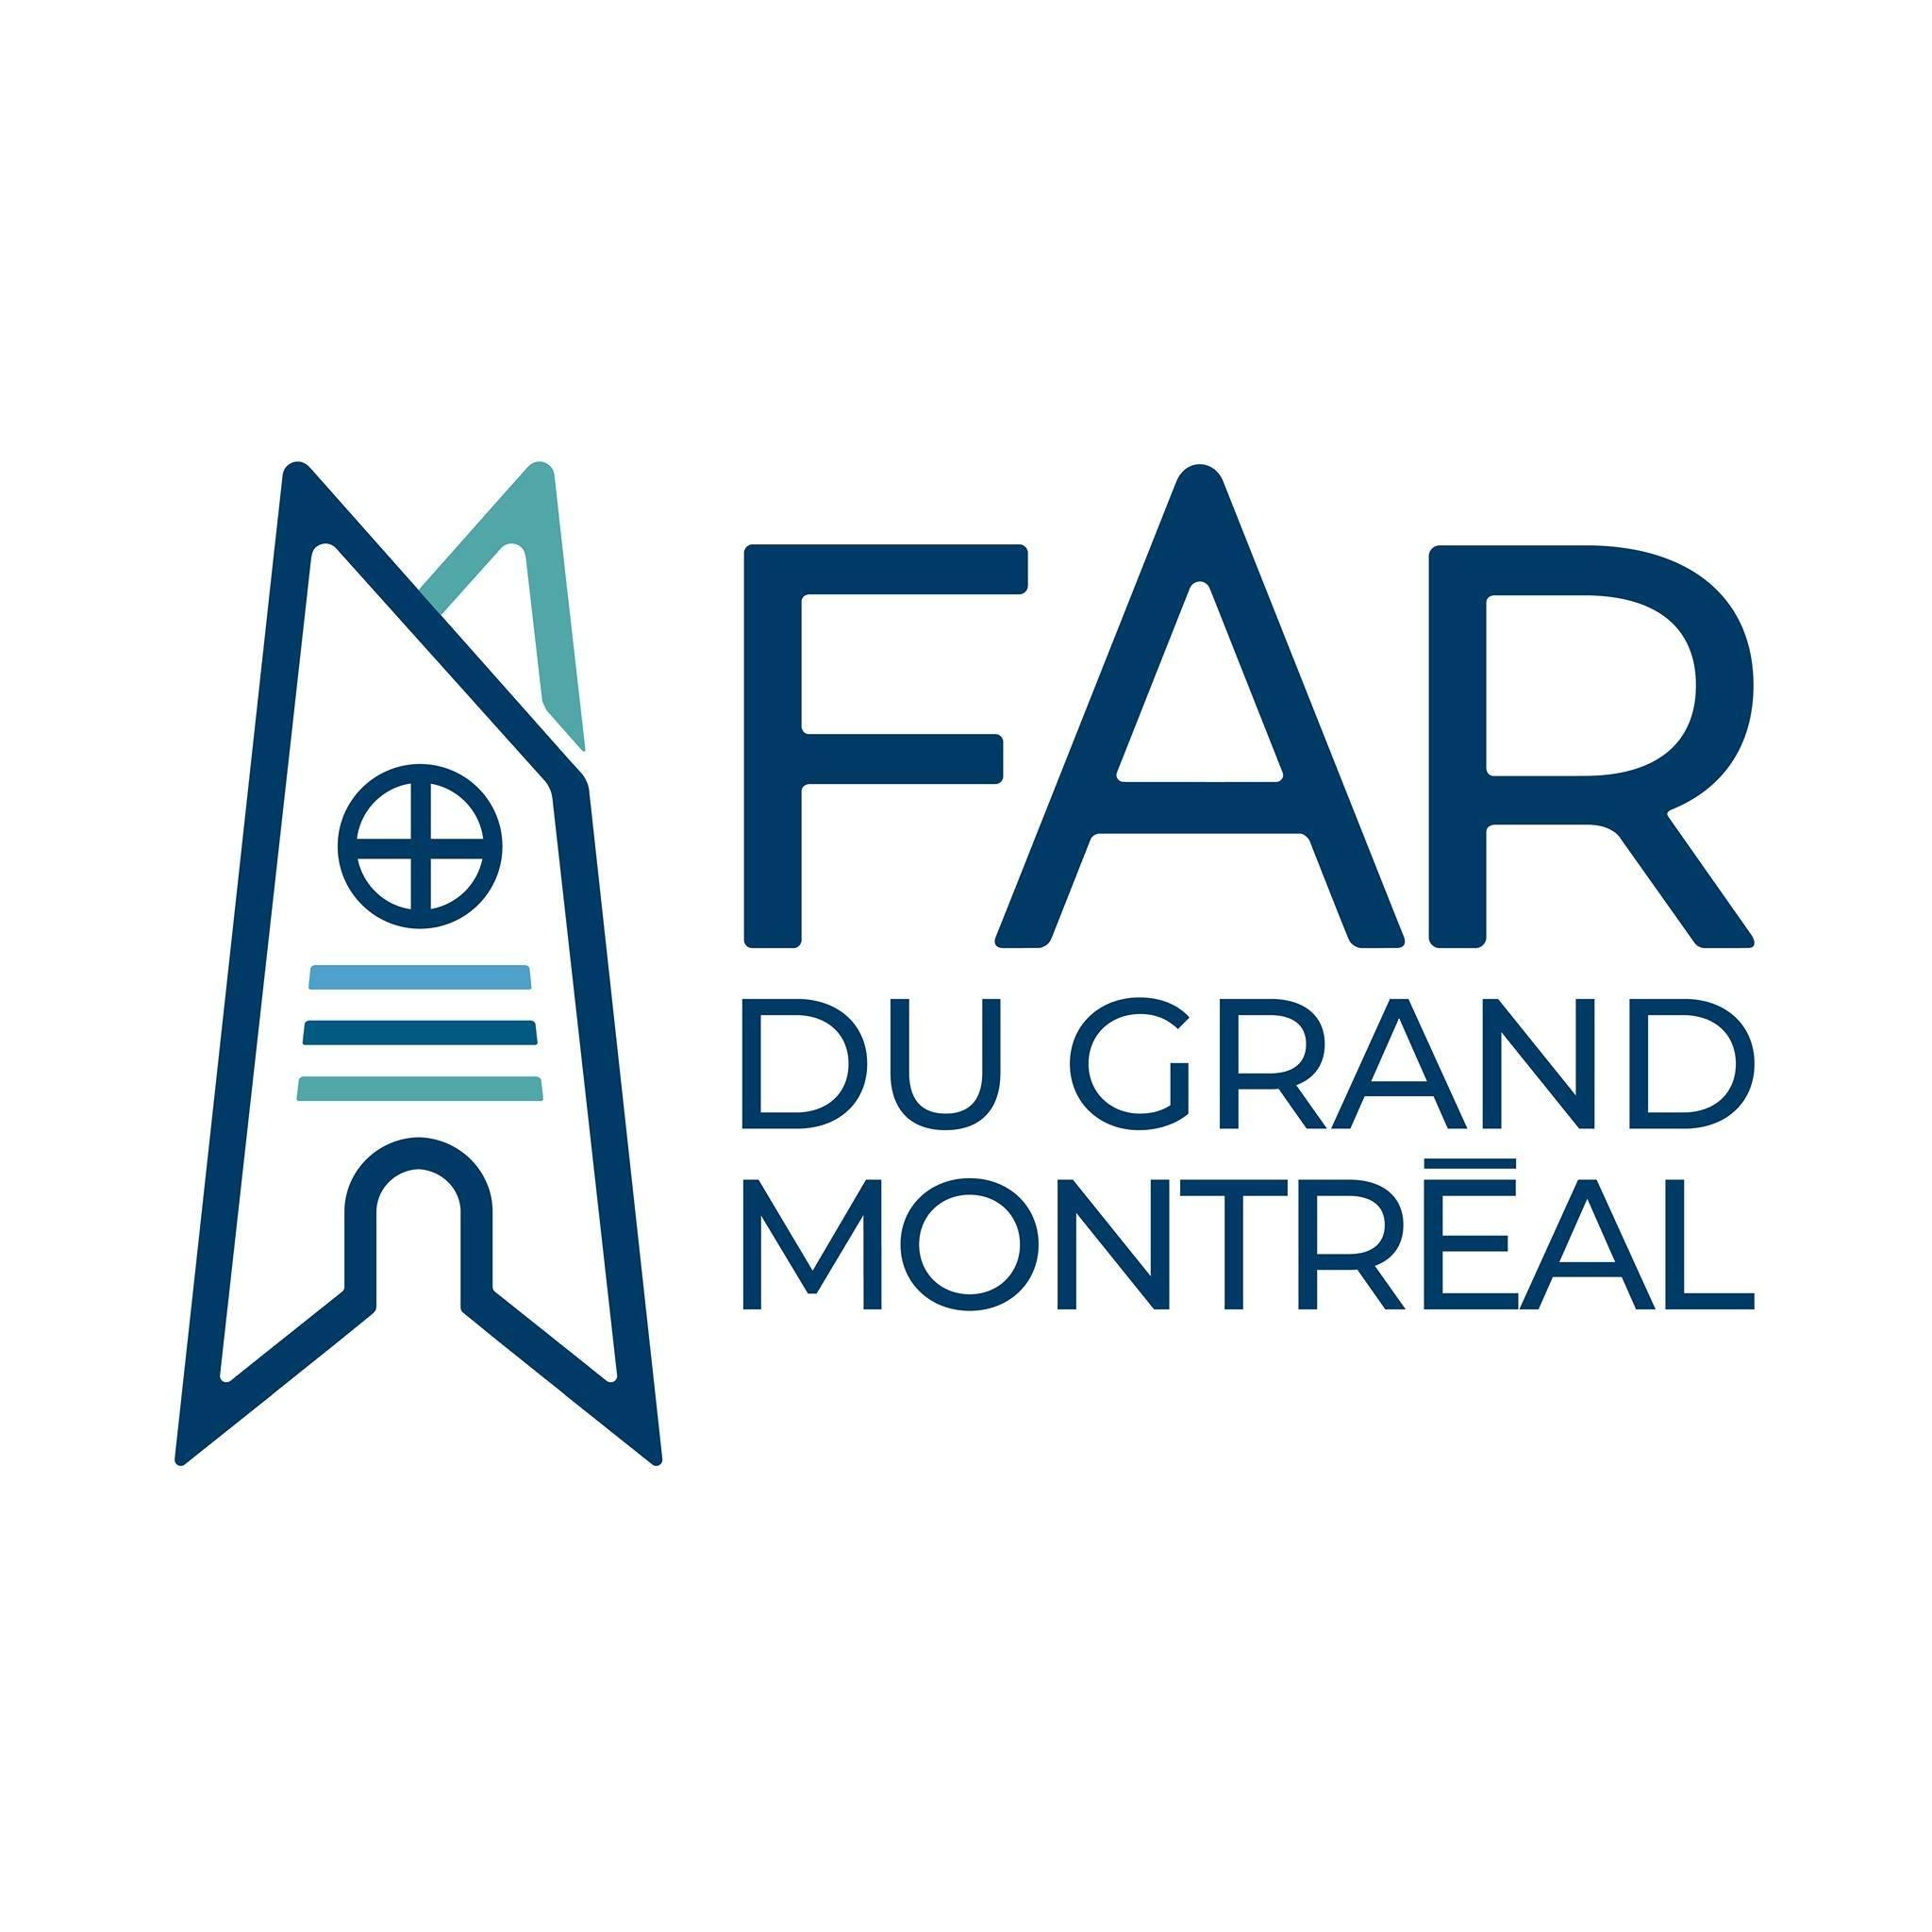 FAR du Grand Montréal pour la sauvegarde du patrimoine religieux